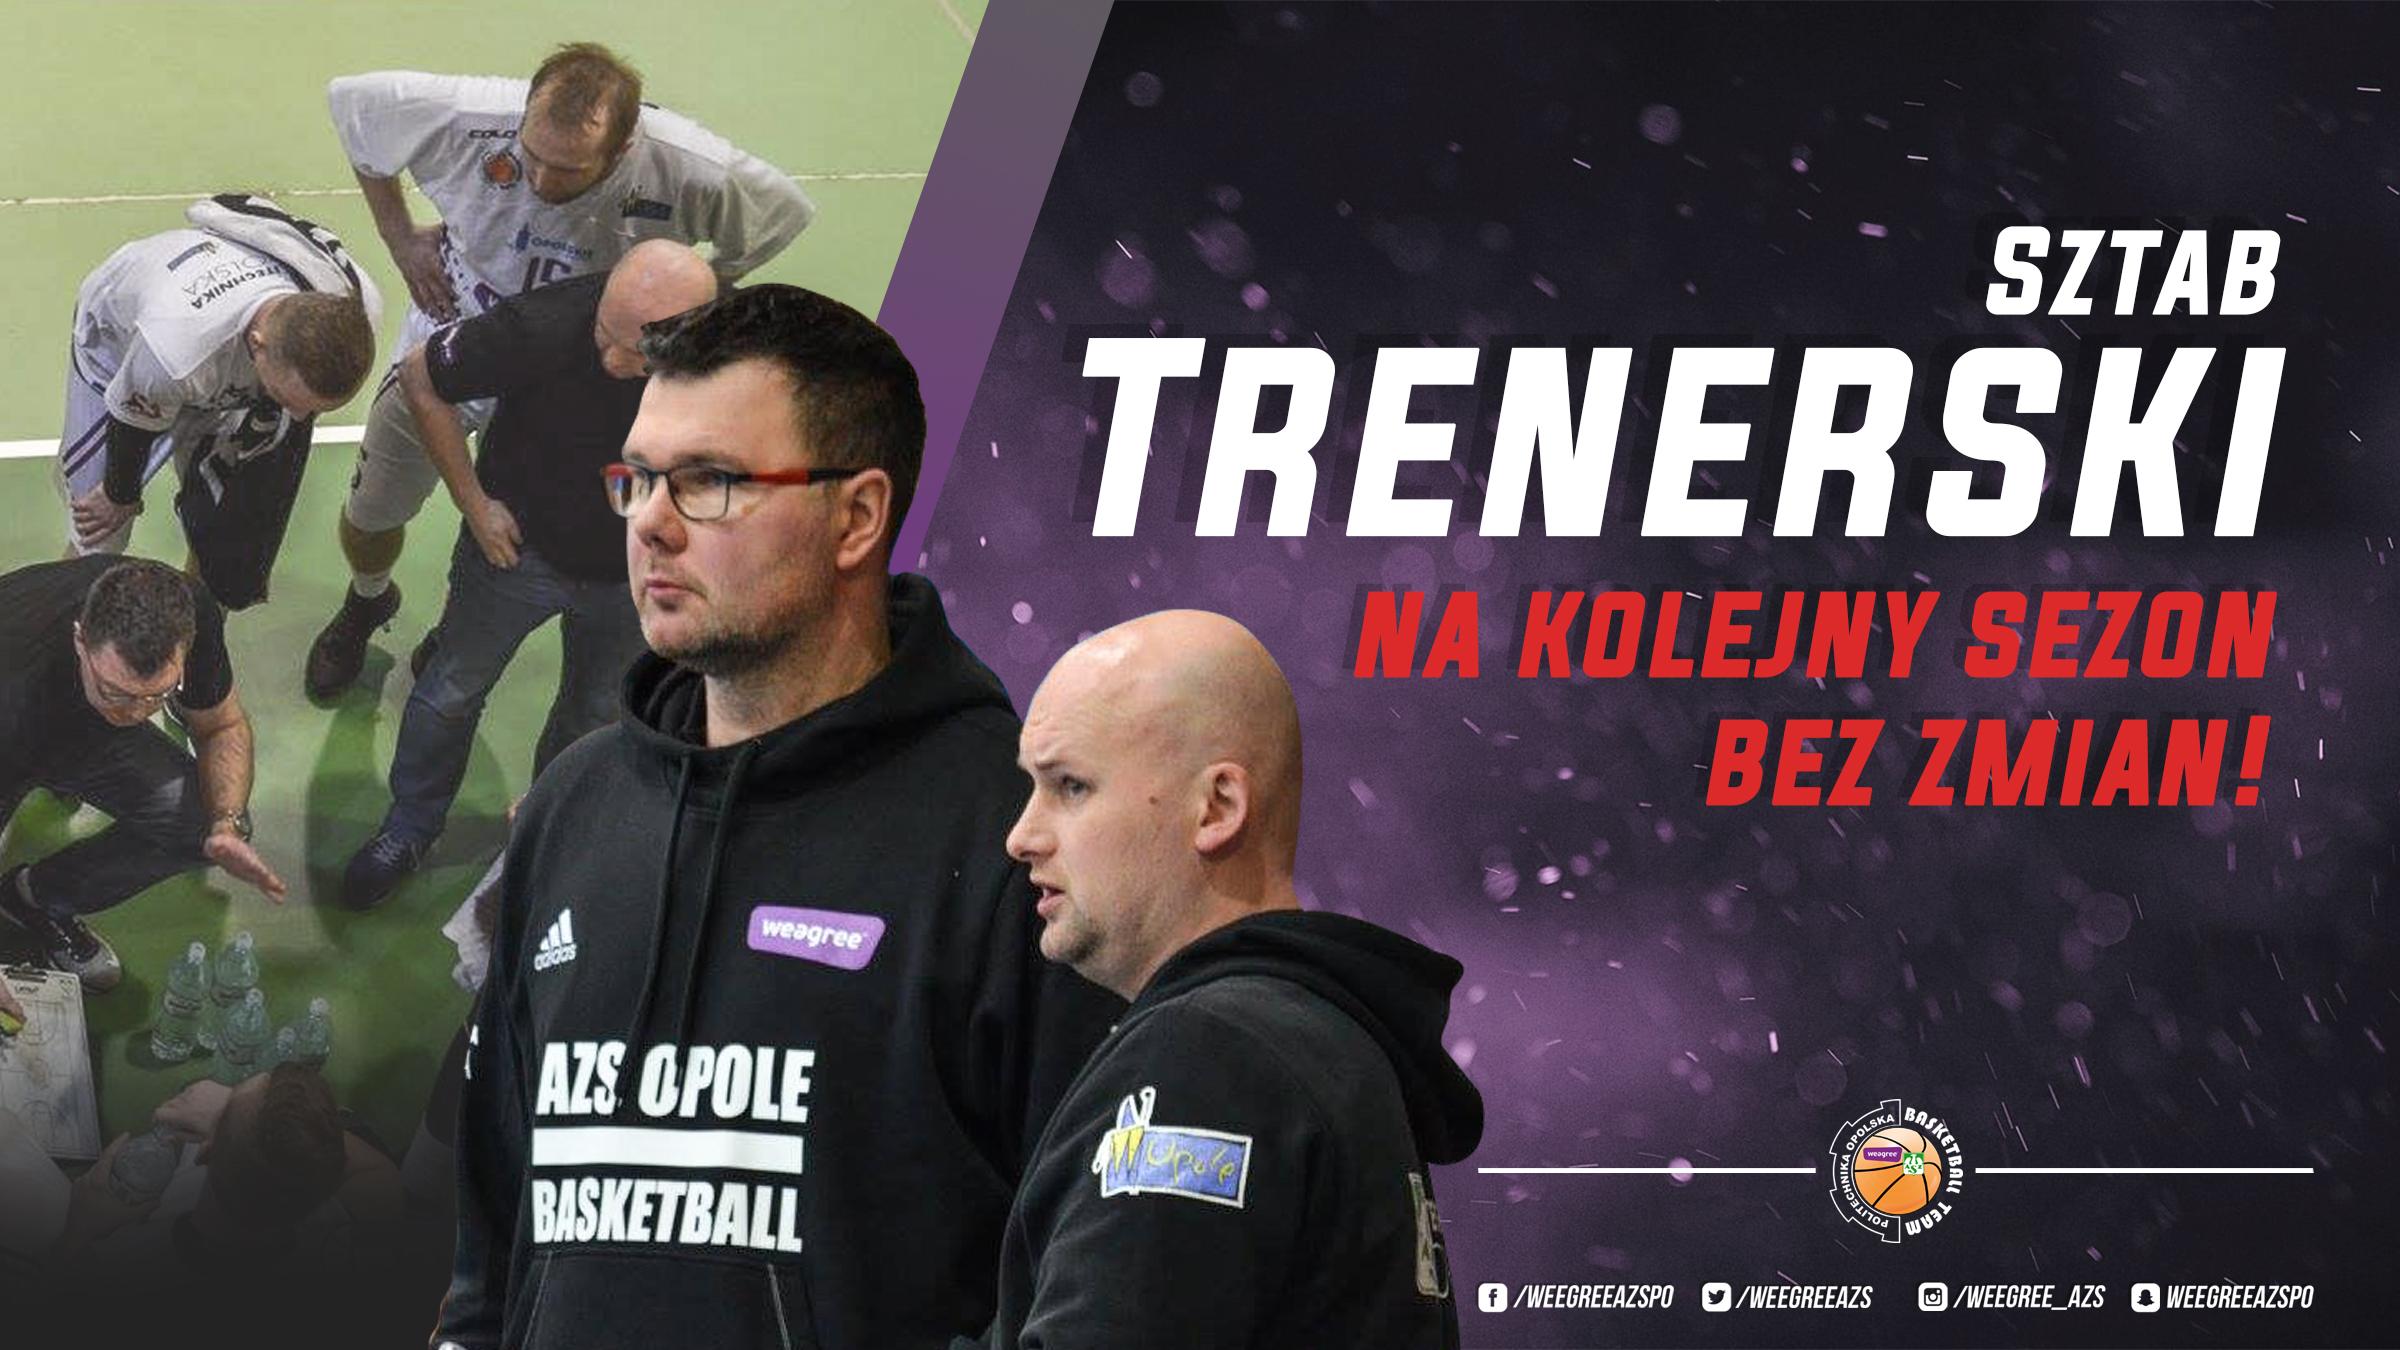 Sztab trenerski na sezon 18/19 bez zmian!